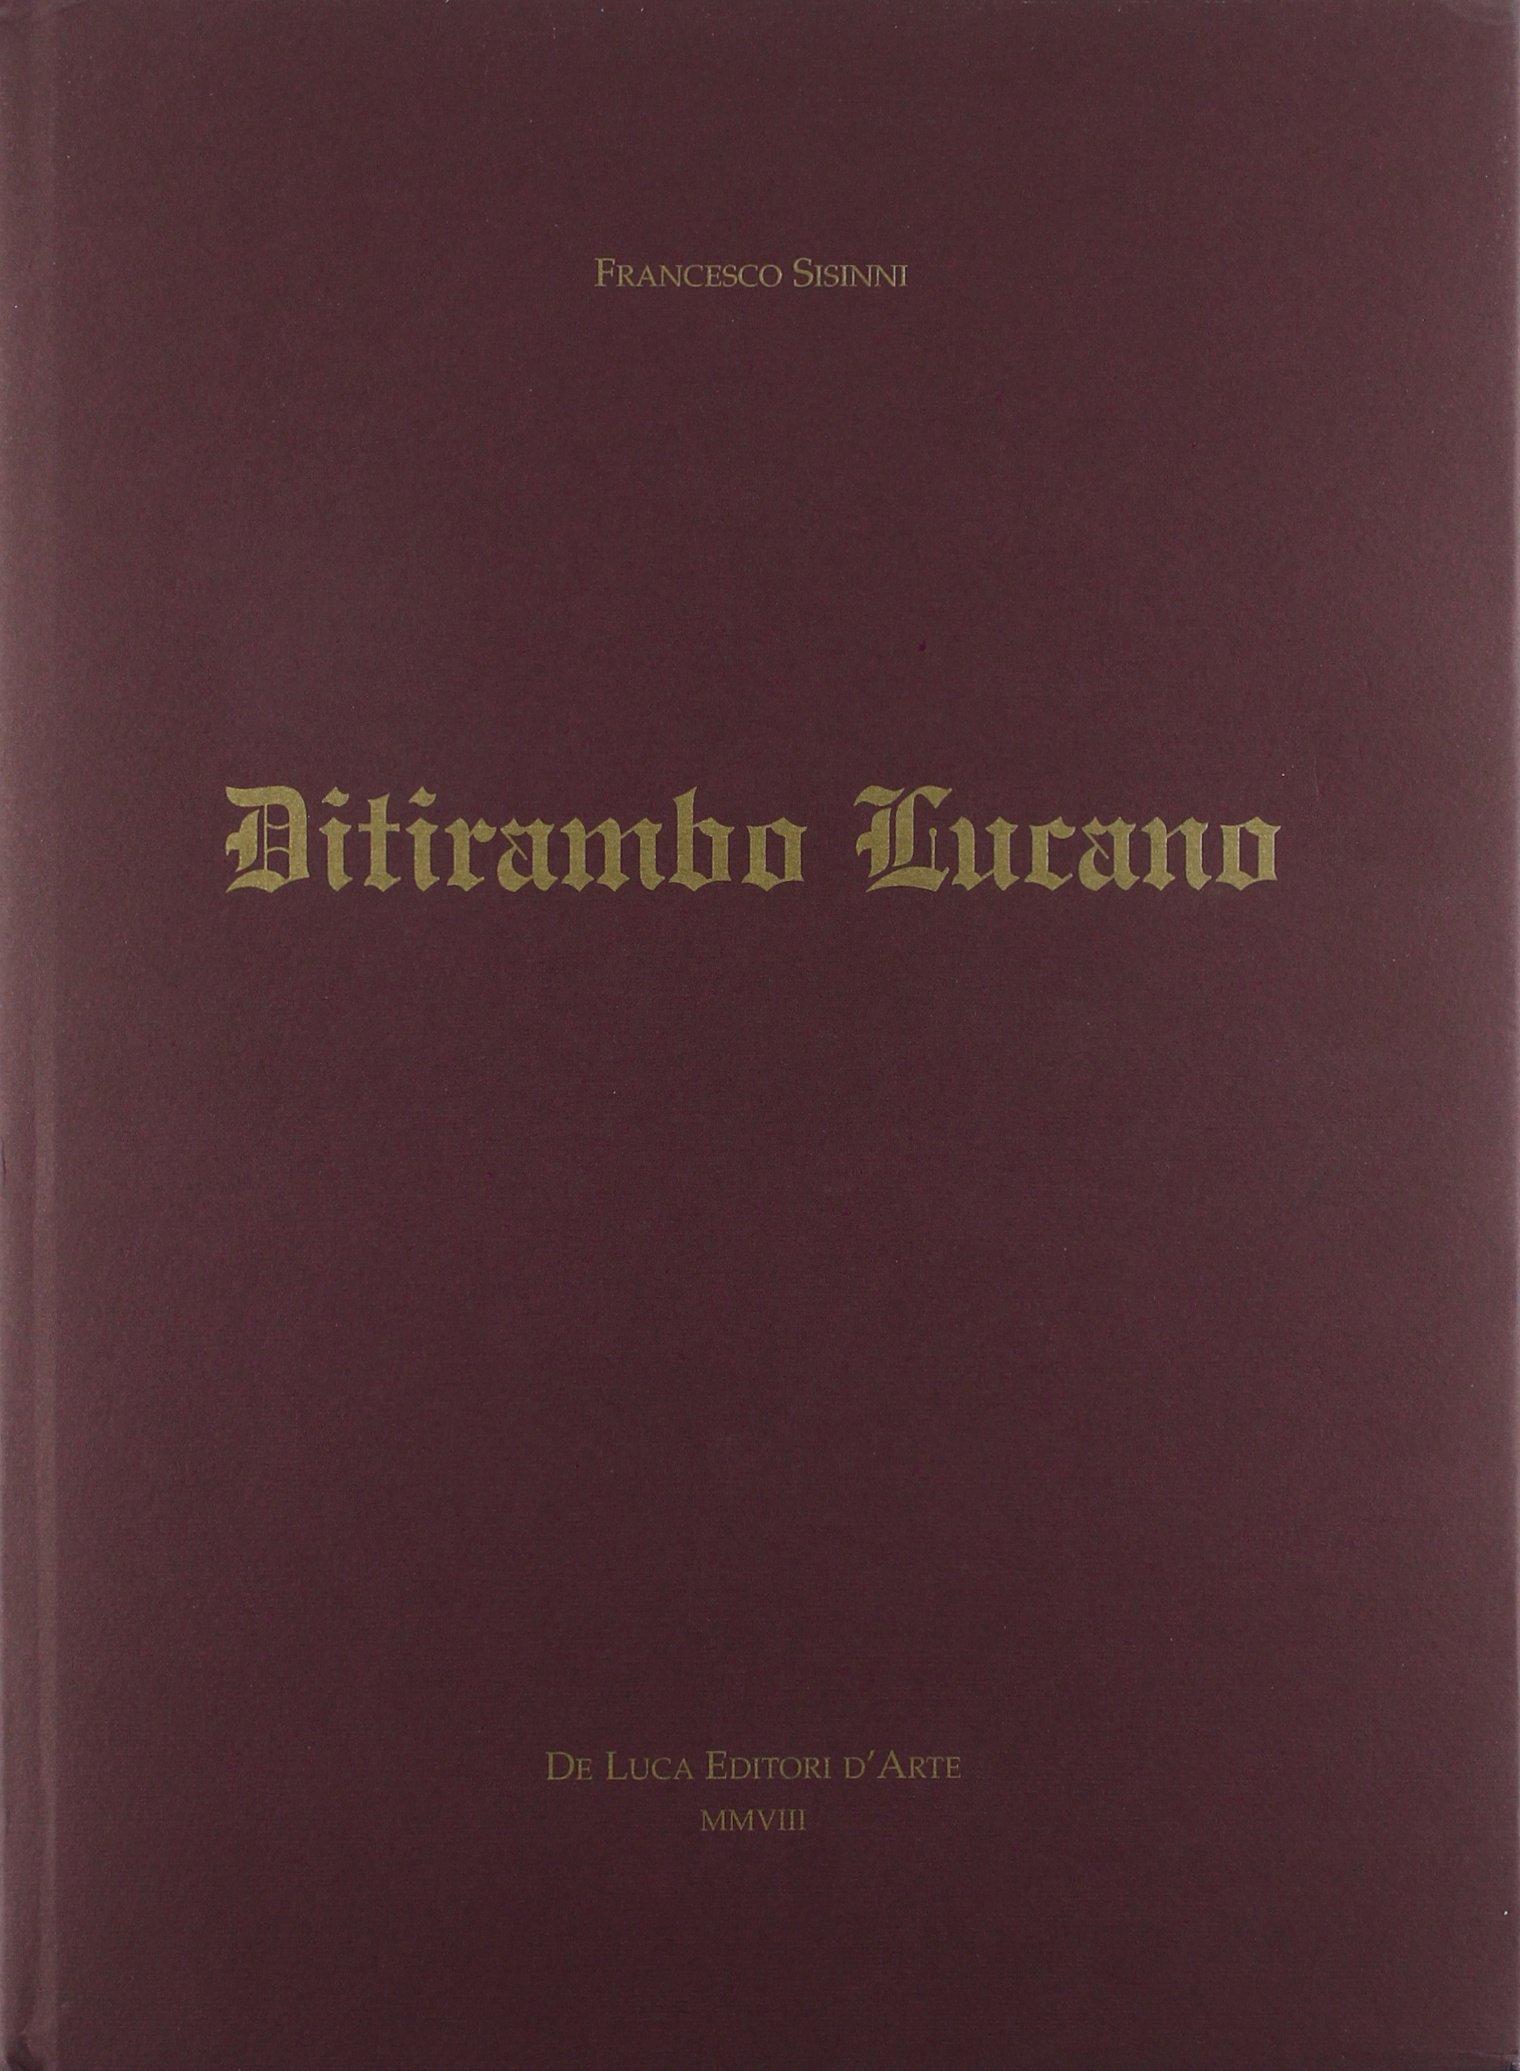 Ditirambo lucano. Elogio oraziano del Vulture, del Simposio, del vino e della Lucania